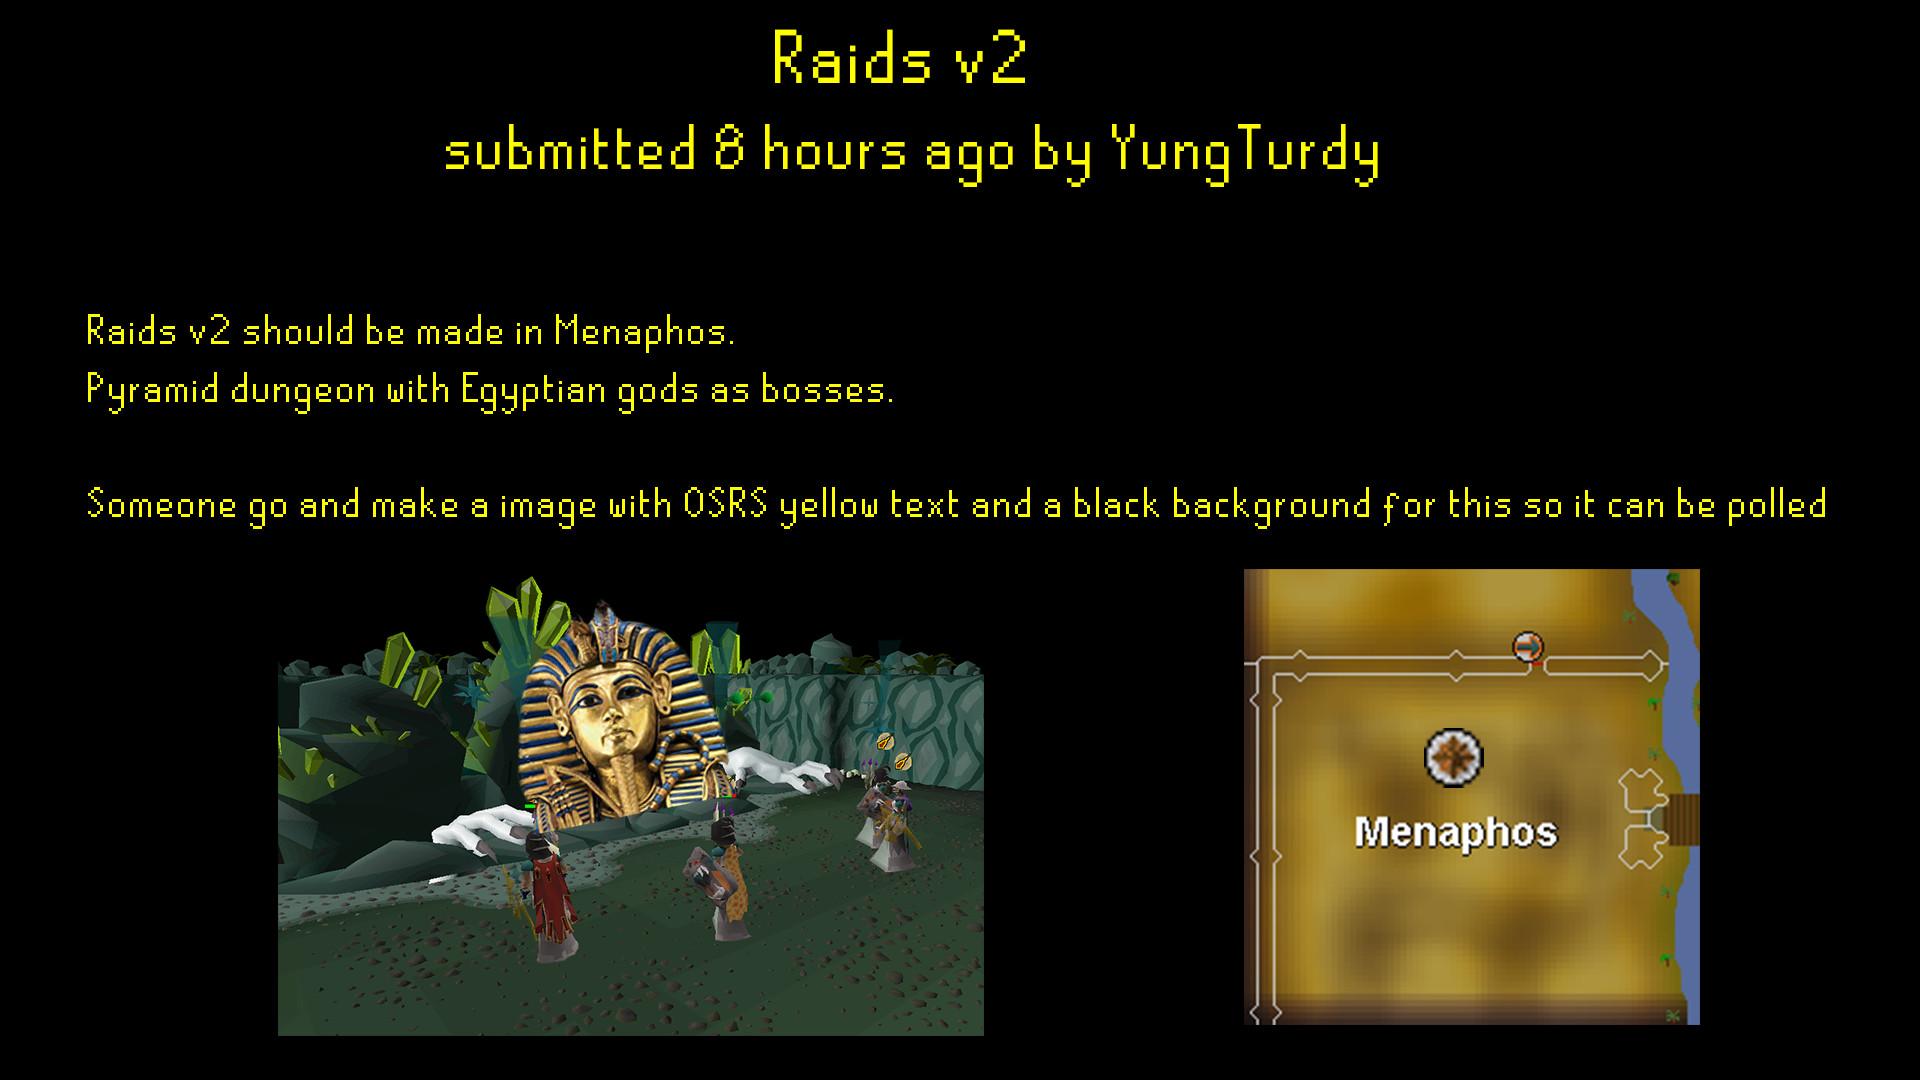 Raids v2 by /u/YungTurdyDiscussion …